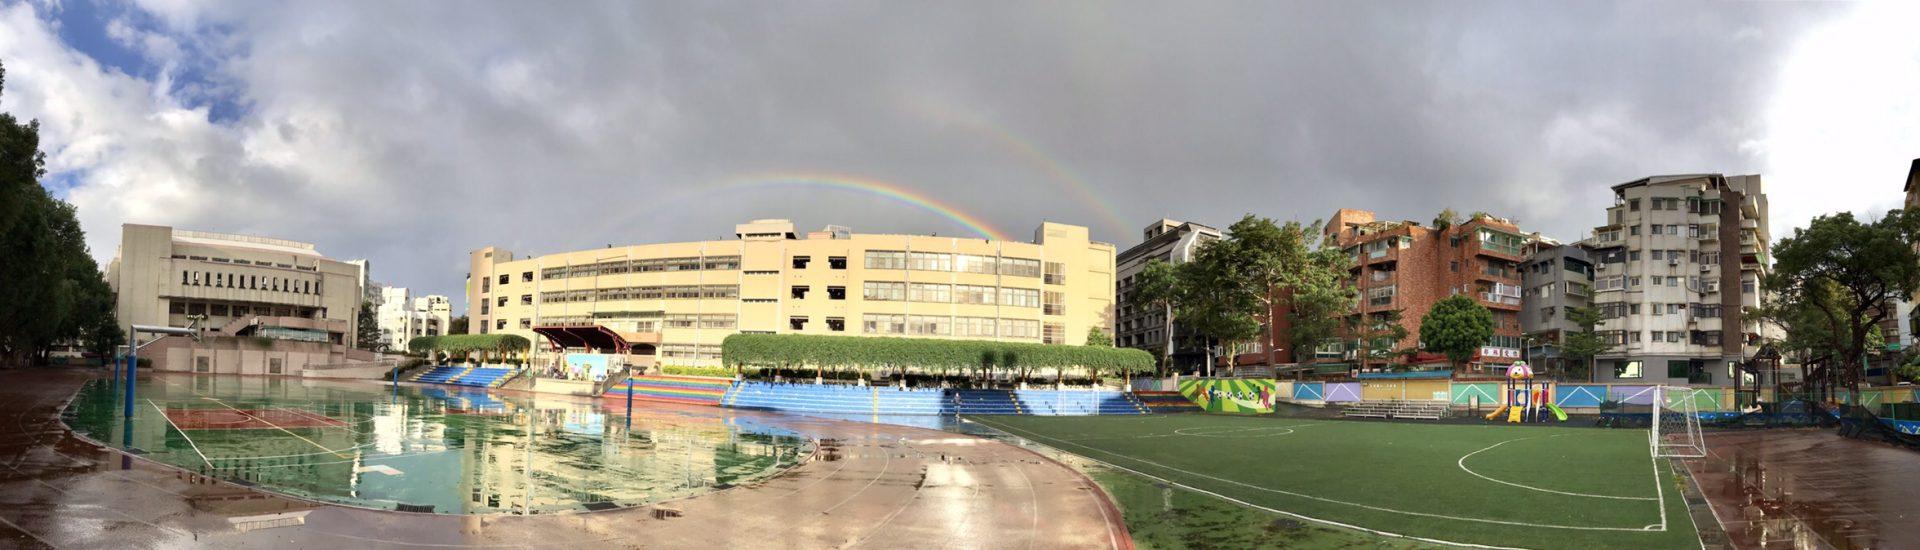 天母國小的彩虹操場